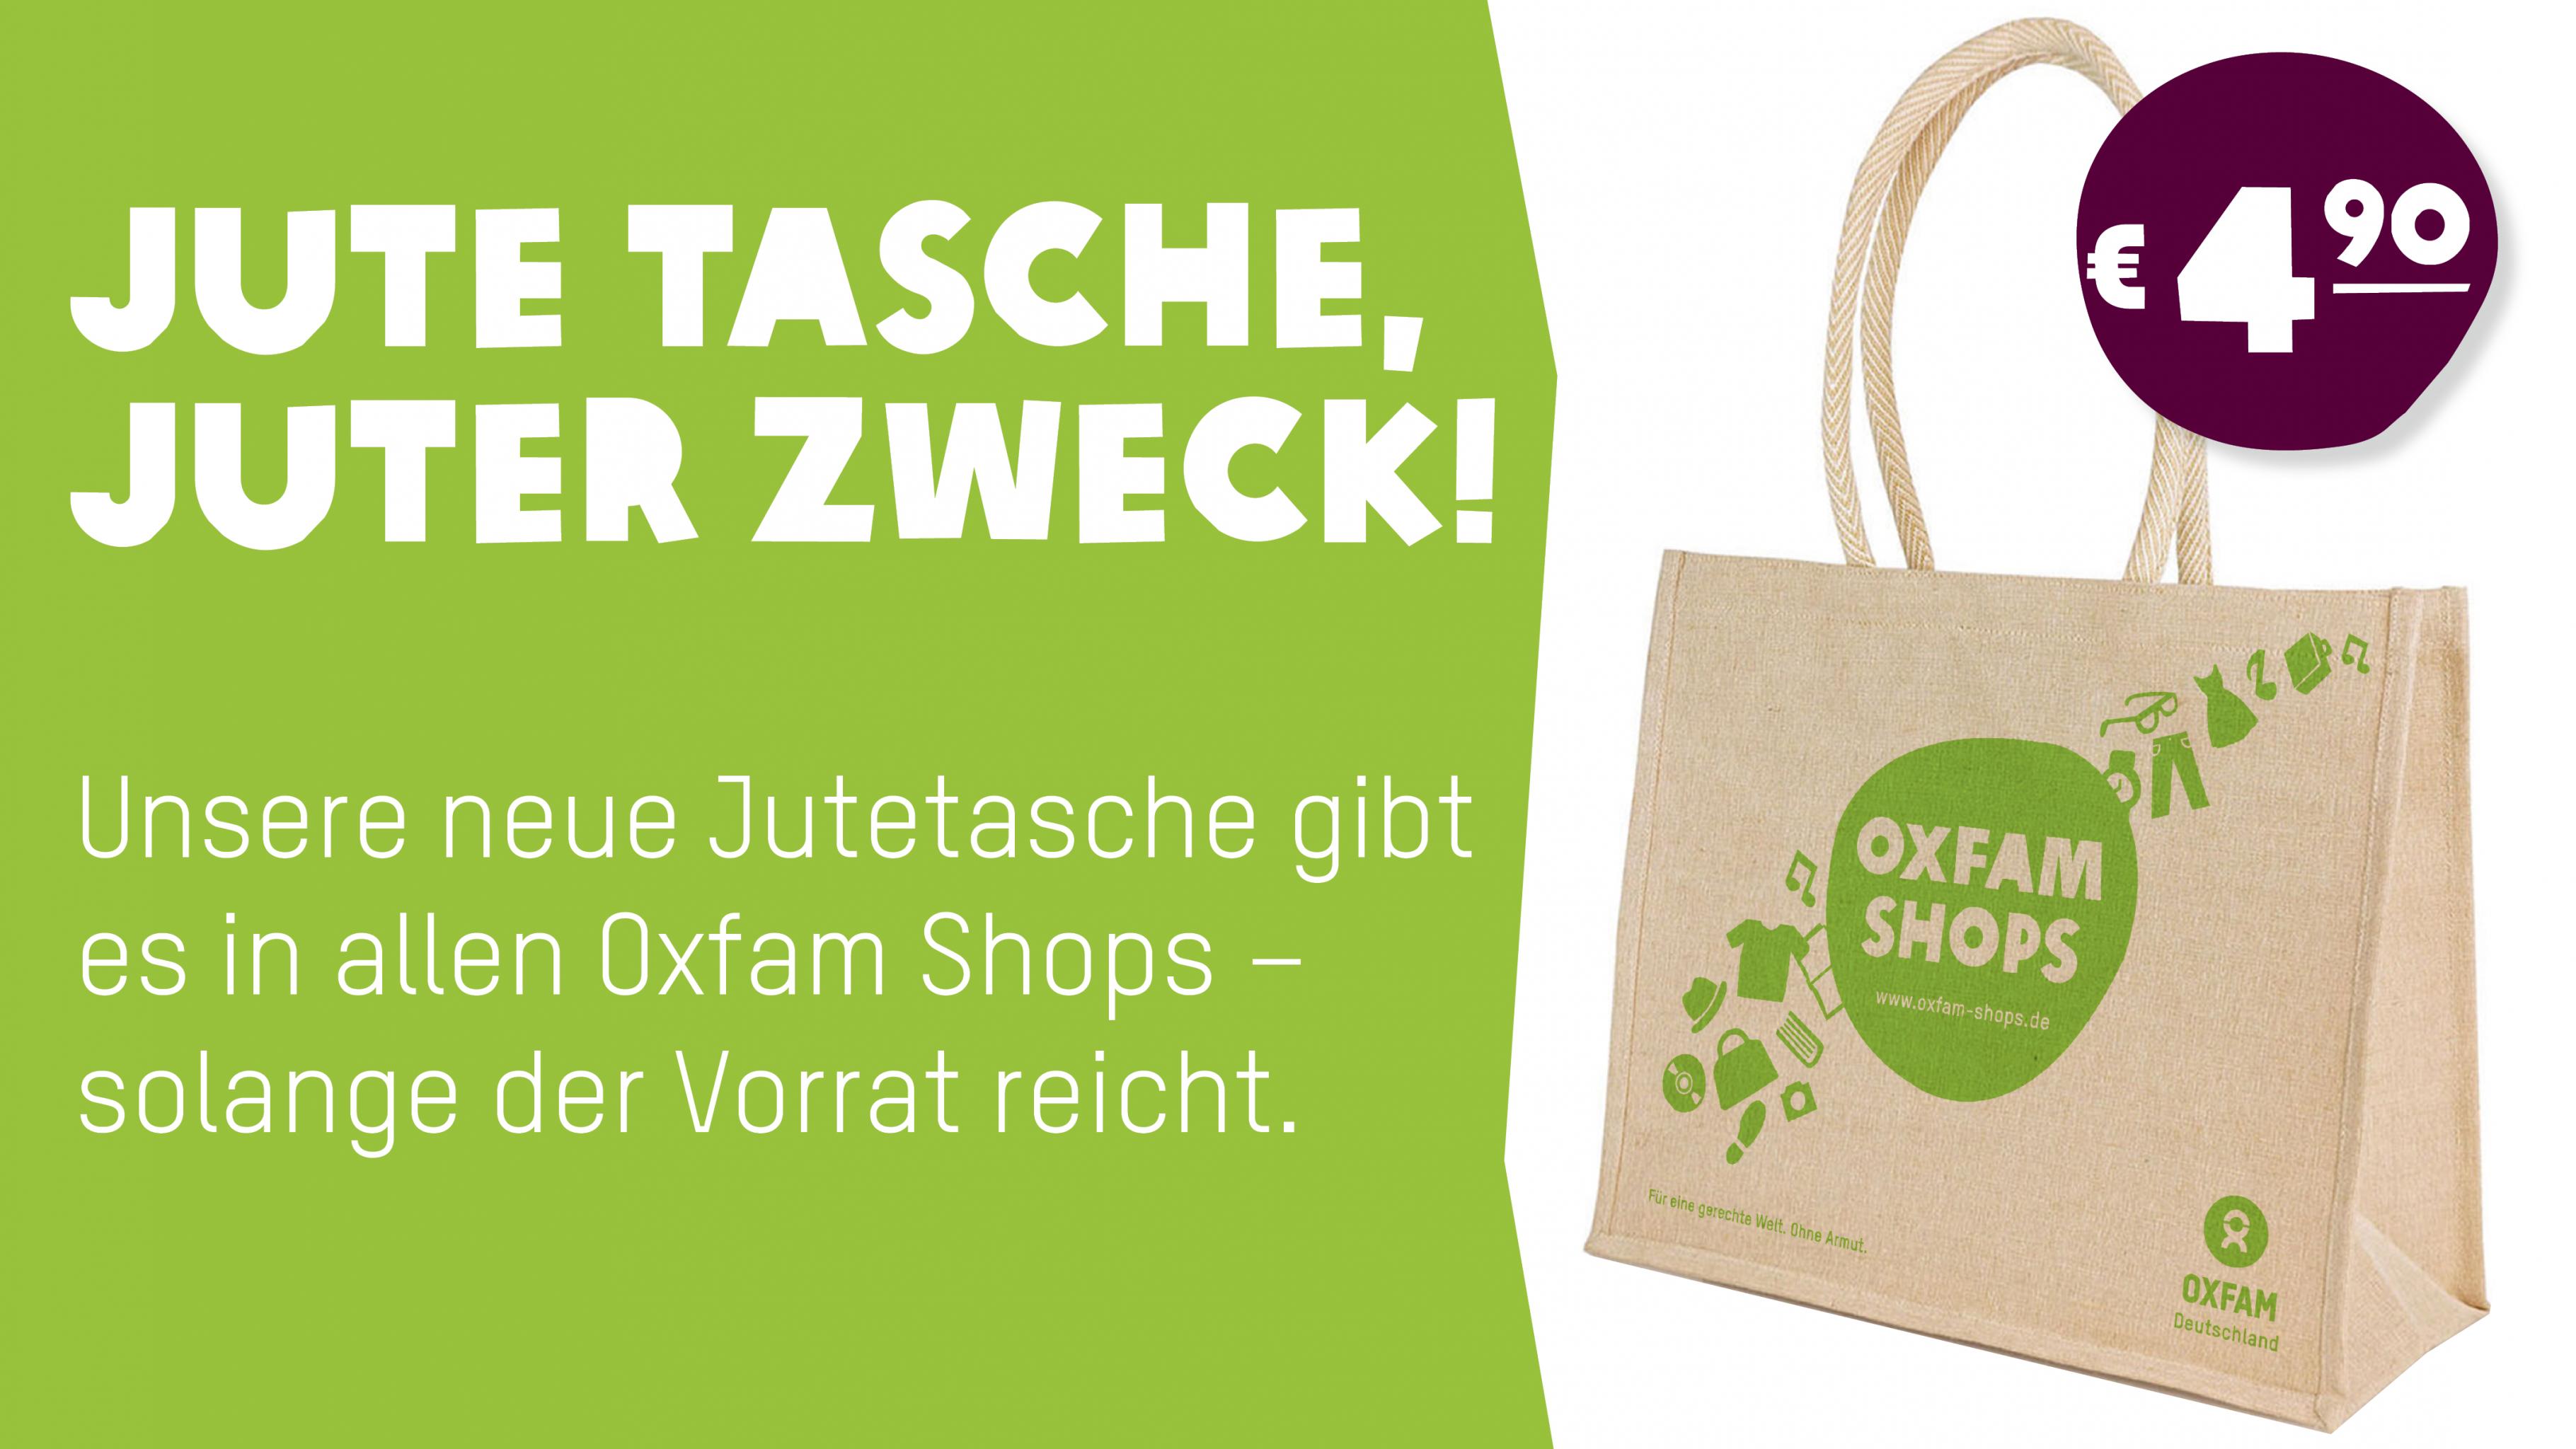 Die neue Jutetasche gibt es in allen Oxfam Shops